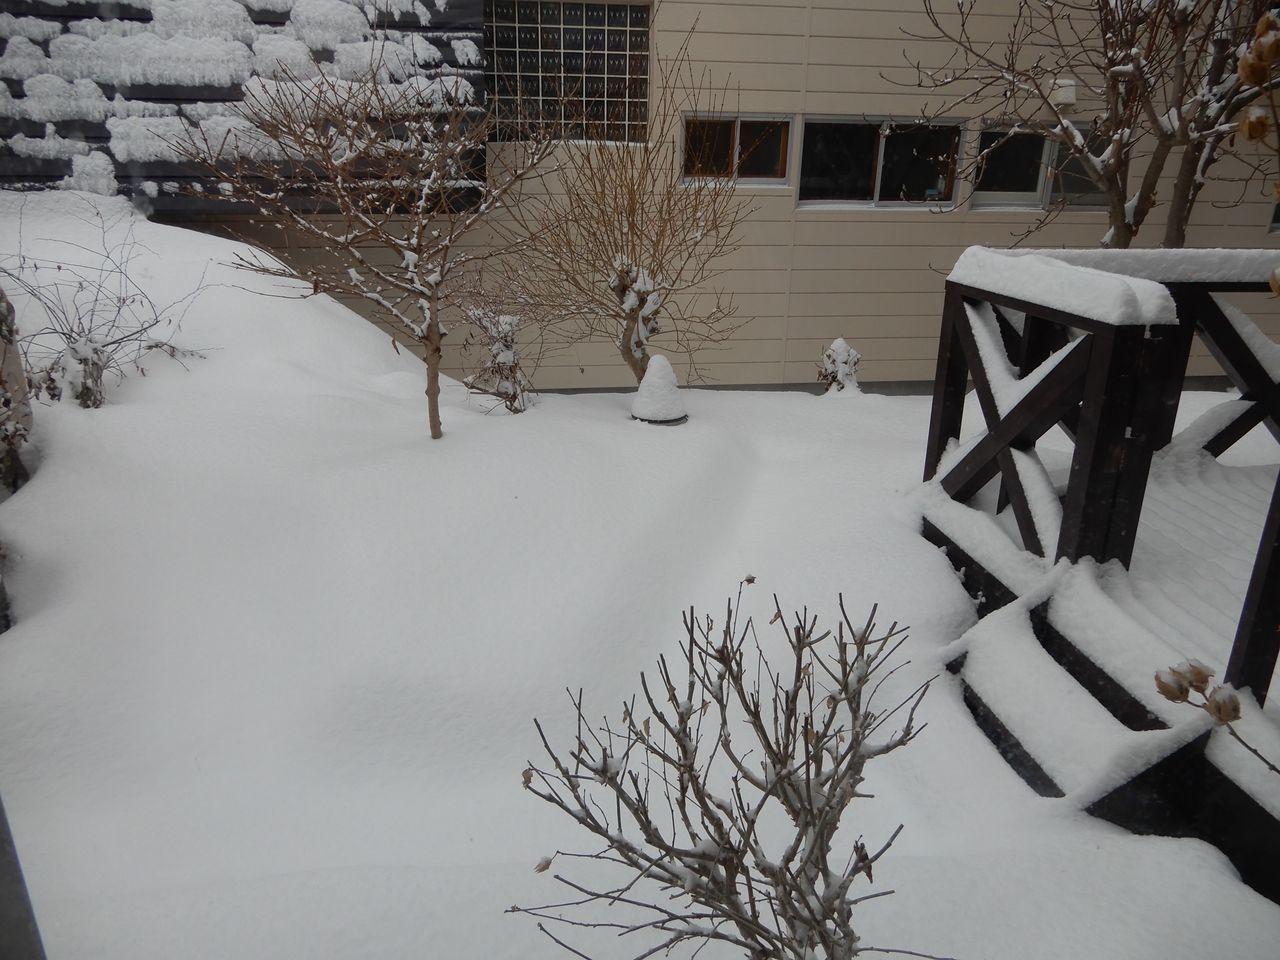 また15センチ位の積雪しかも除雪車が重い雪を置いていく_c0025115_22134082.jpg